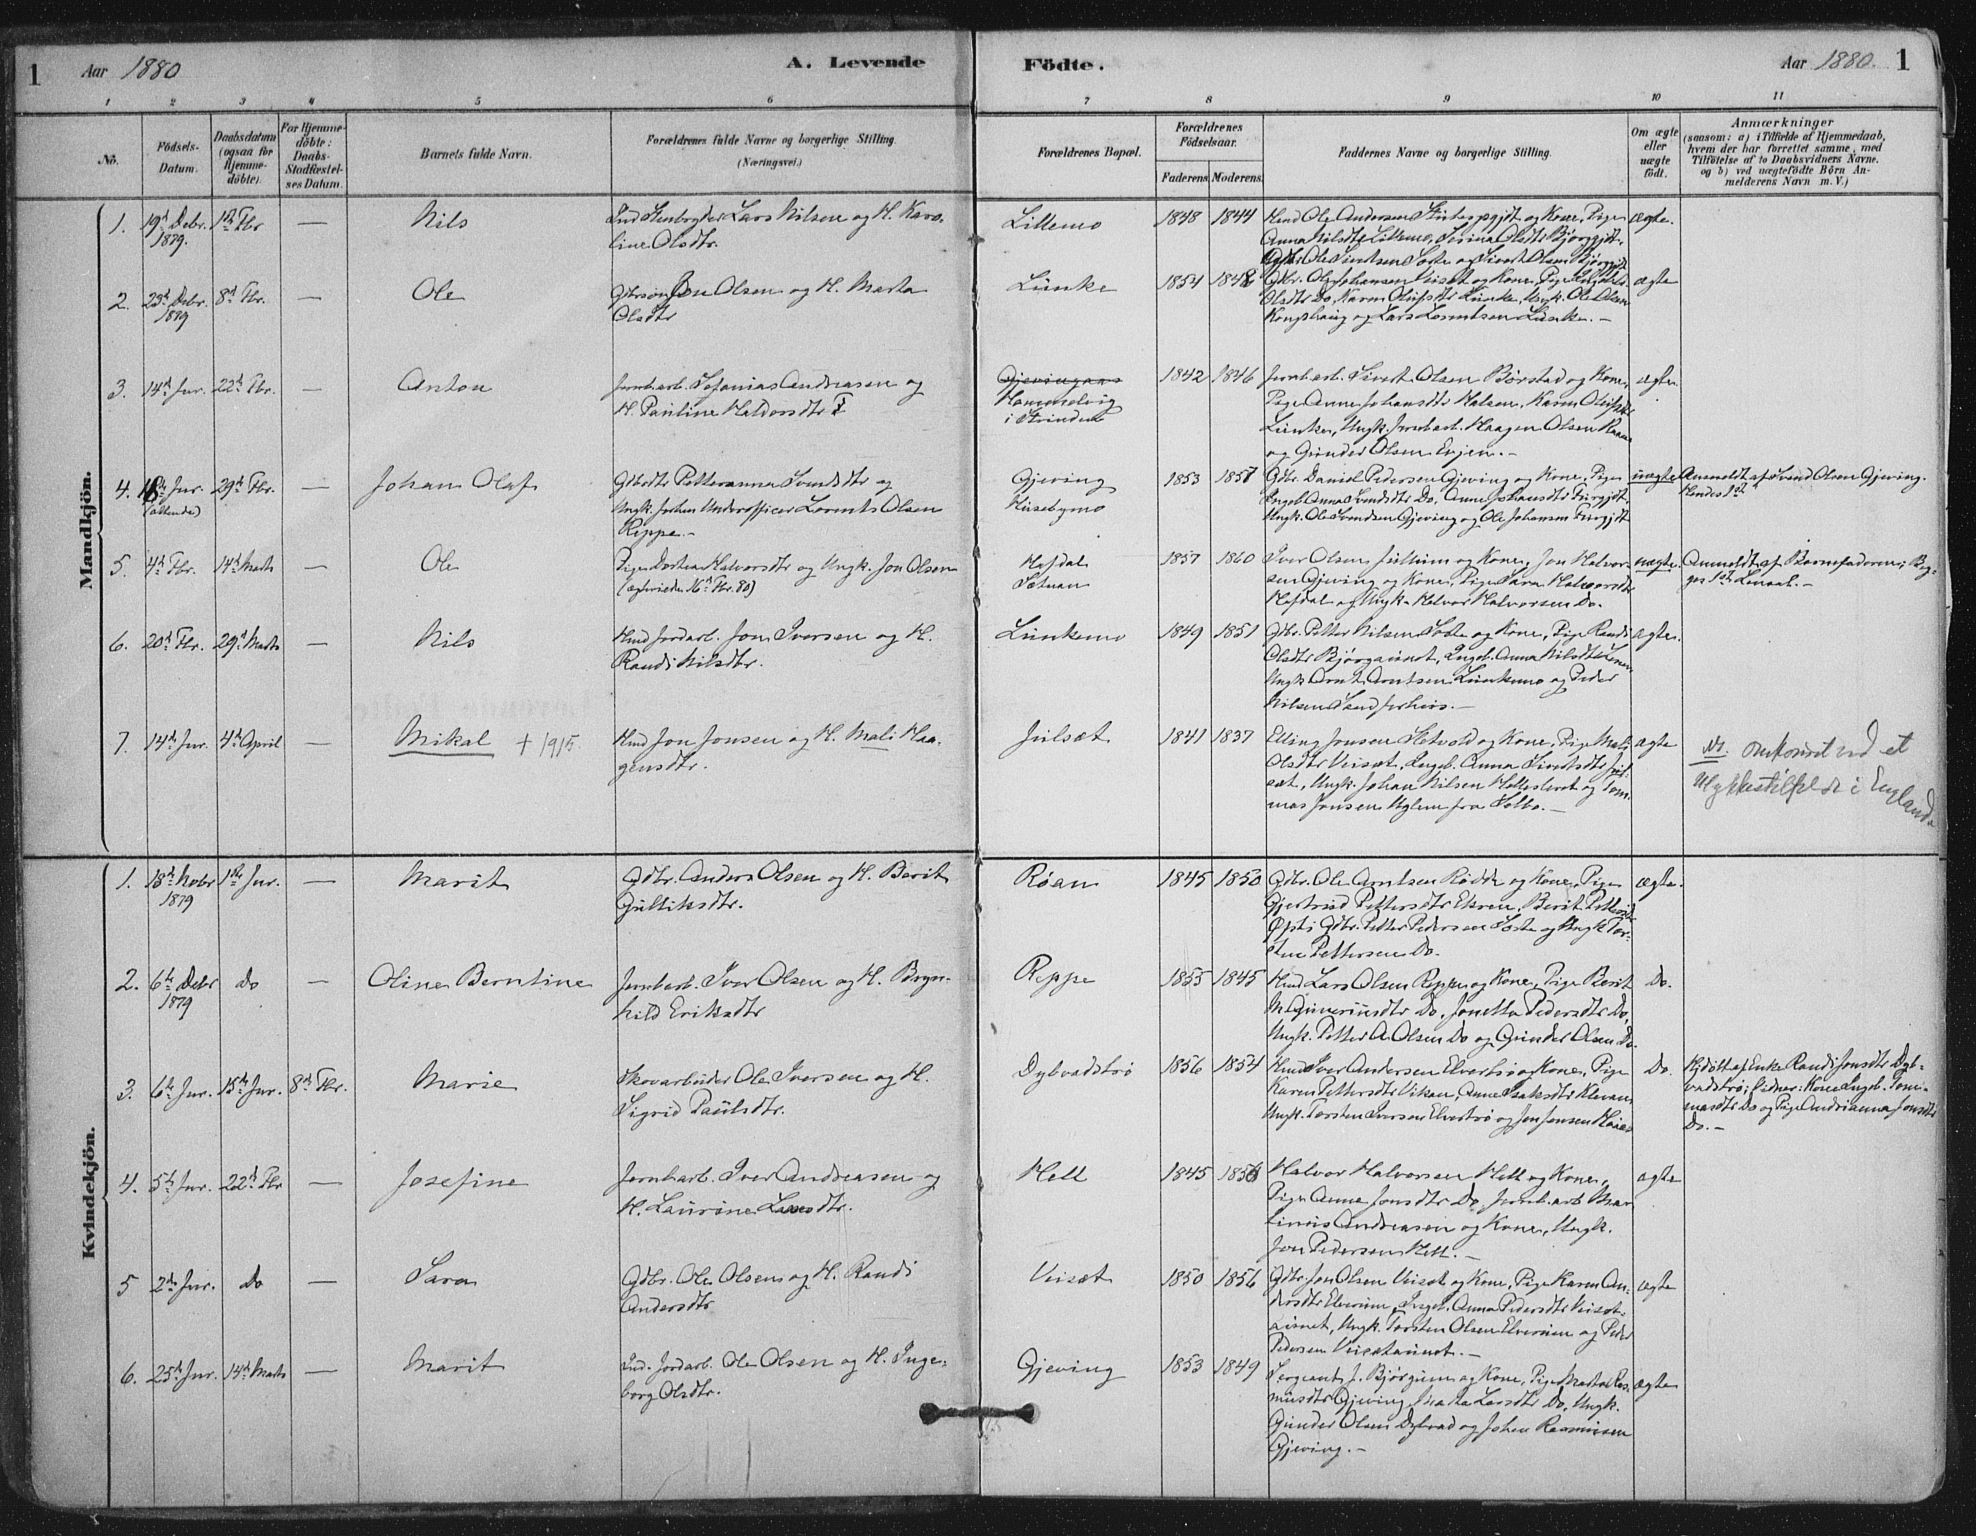 SAT, Ministerialprotokoller, klokkerbøker og fødselsregistre - Nord-Trøndelag, 710/L0095: Ministerialbok nr. 710A01, 1880-1914, s. 1